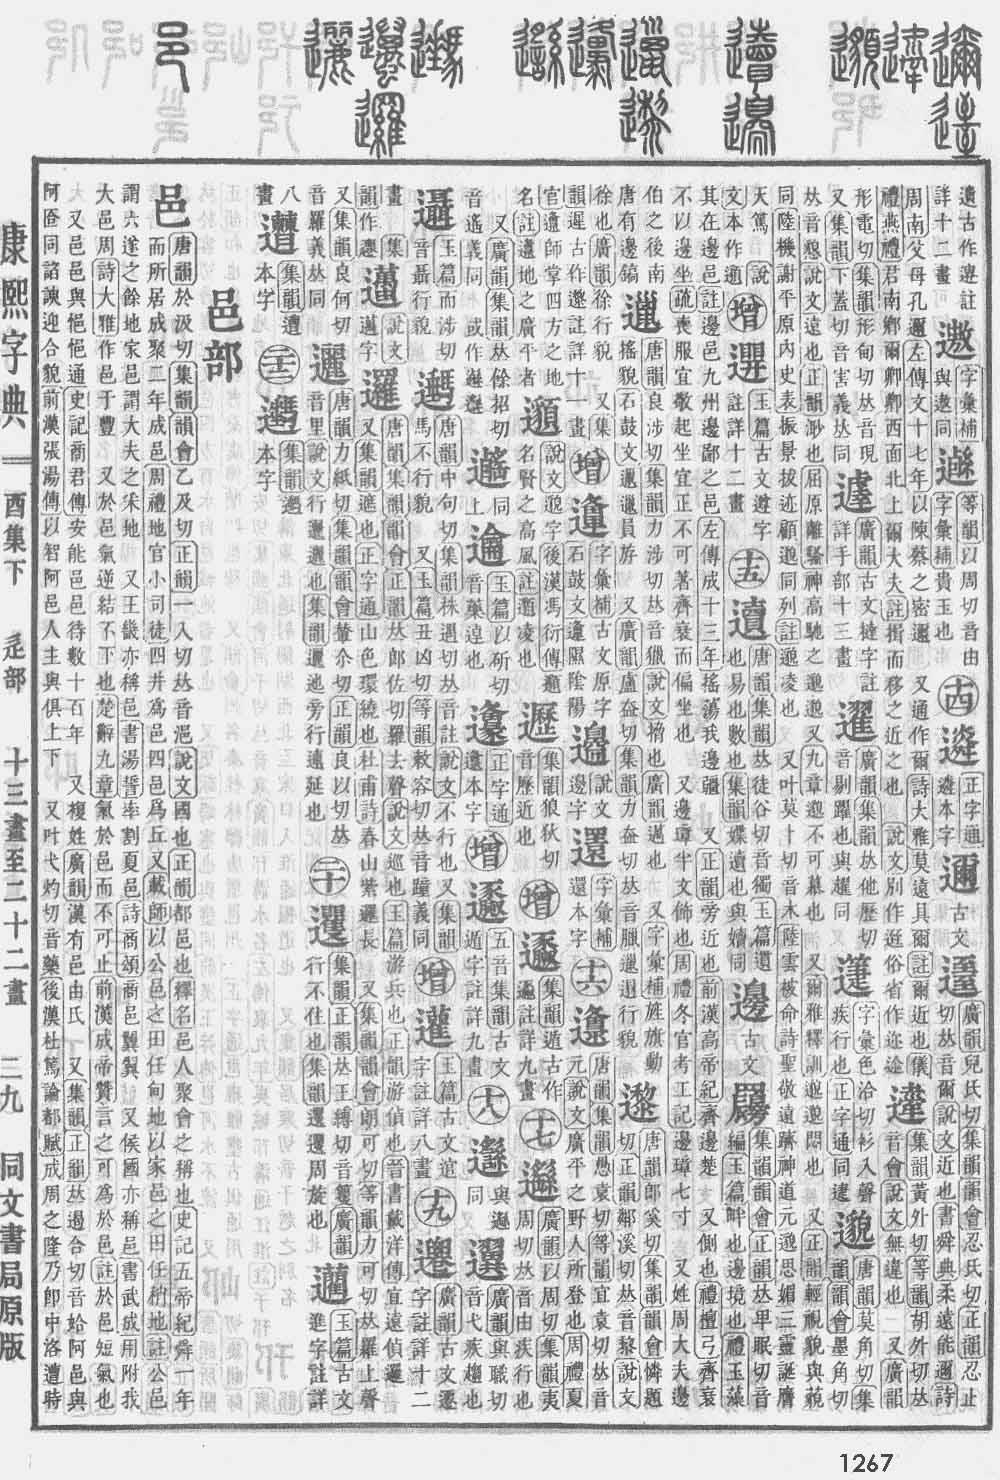 《康熙字典》第1267页